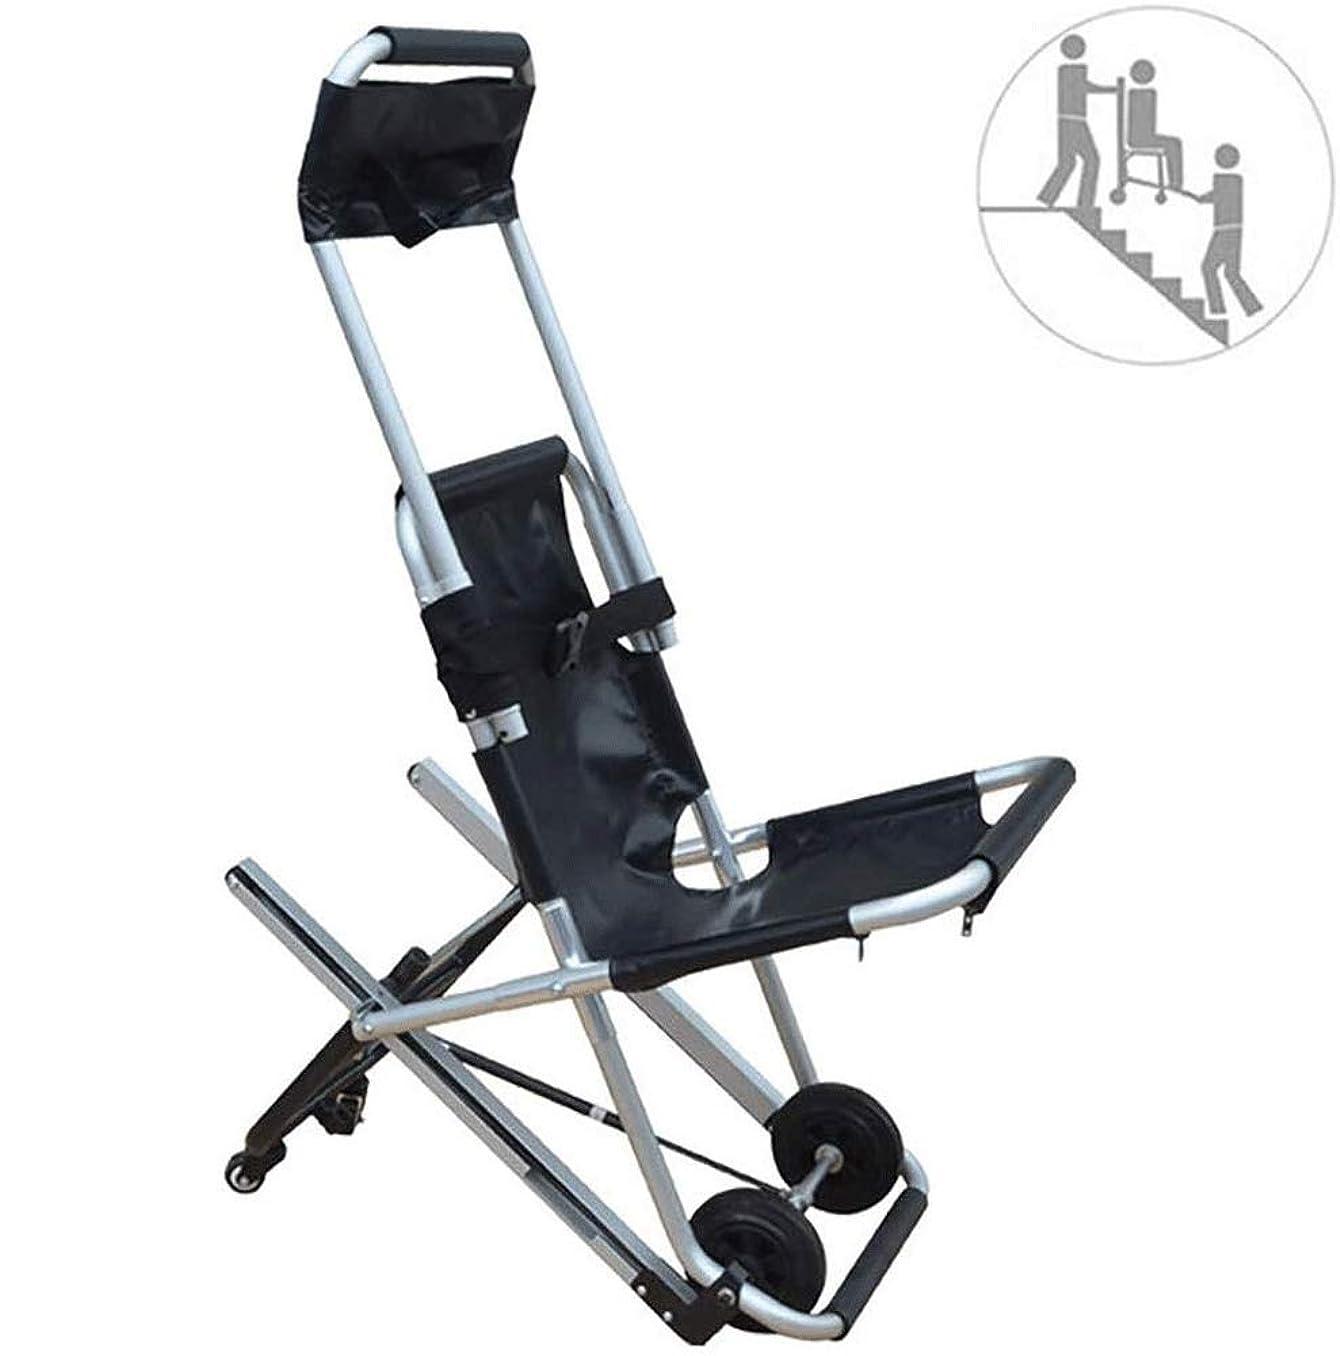 暗くするラベペルソナ折り畳み式のEMS階段椅子、高齢者、障害者のためのクイックリリースバックル付き4ホイールアルミ軽量医療モビリティエイドで追跡階段チェア (Color : 黒)